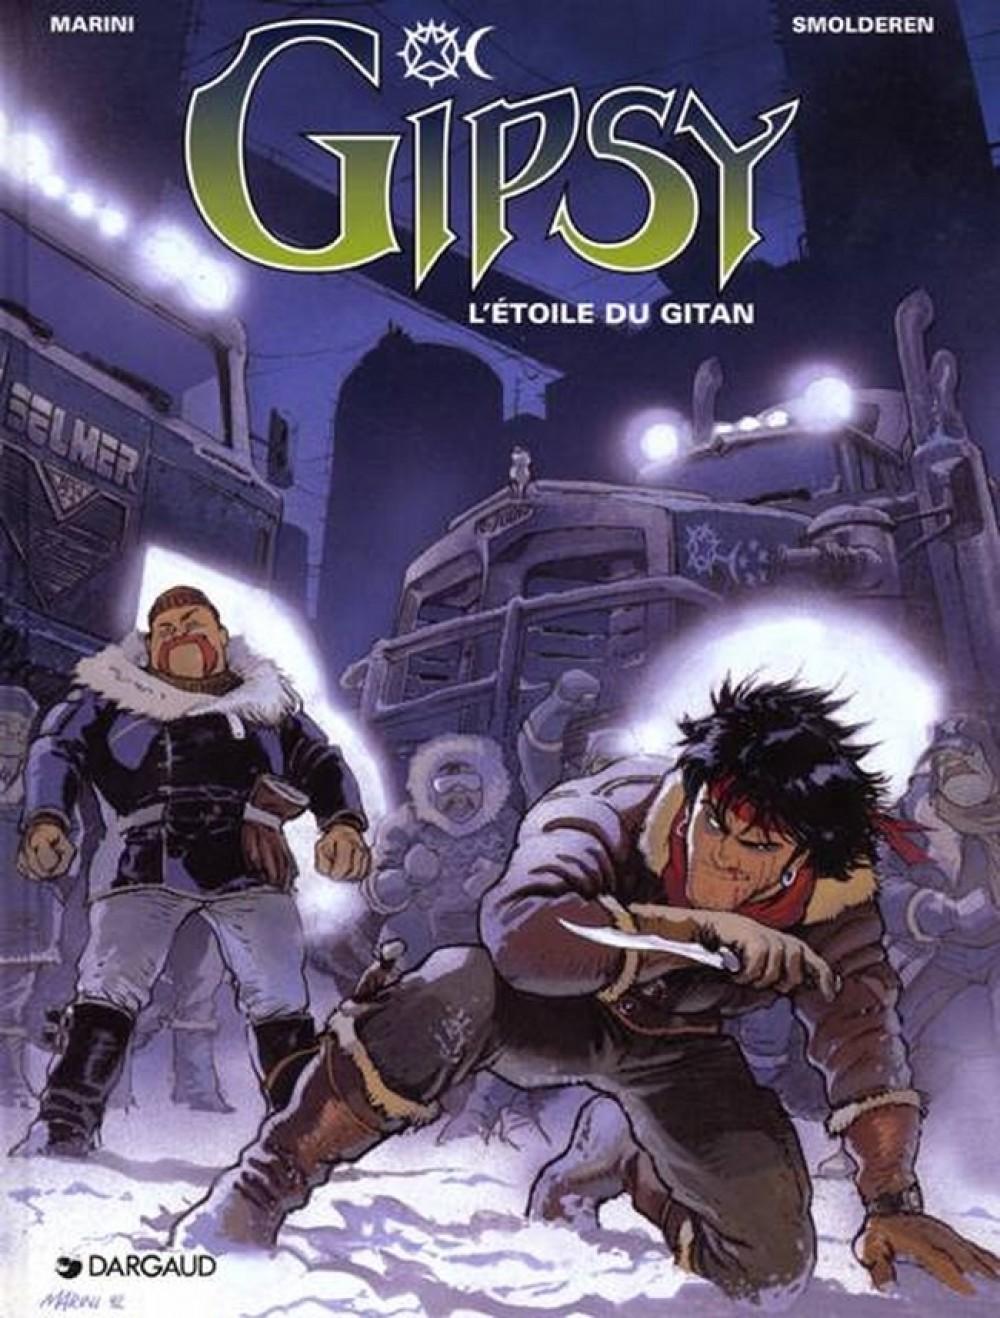 GIPSY - T1 - L'ETOILE DU GITAN